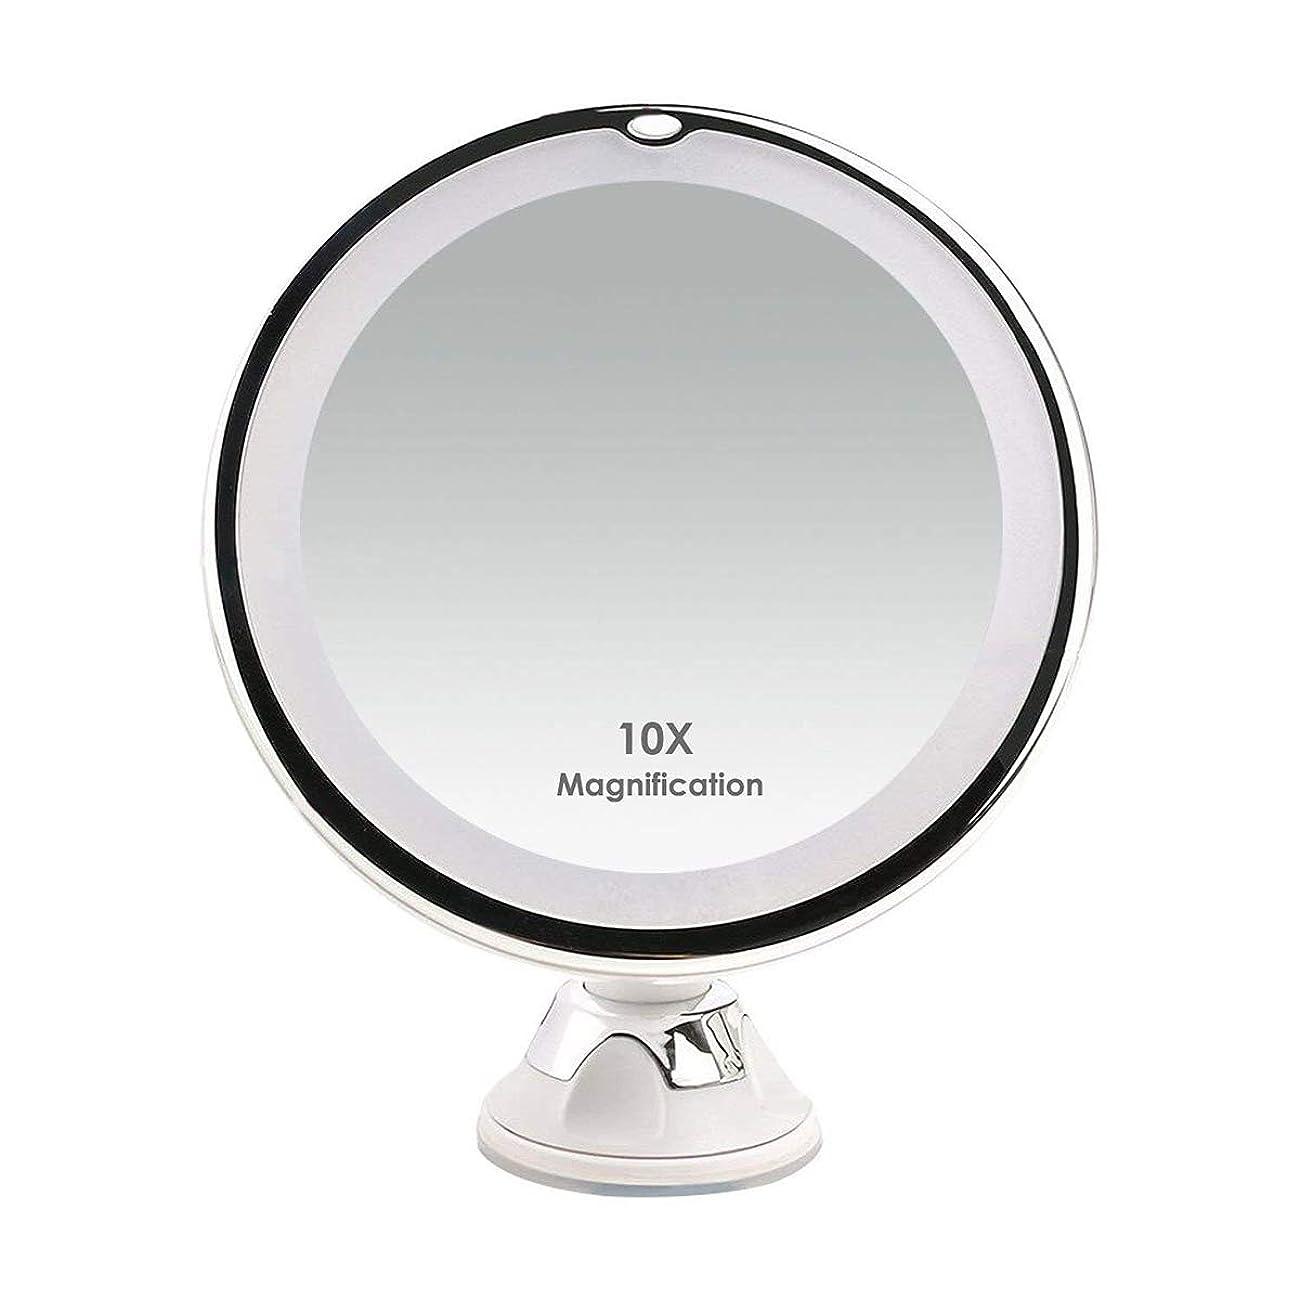 ソファープランター検査MEILIN LED化粧鏡 10倍拡大鏡 卓上ミラー 吸盤ロック付 き360度回転 自然の日光 ガラスに取付可能 スタンド/壁掛け両用 単三電池 コードレス